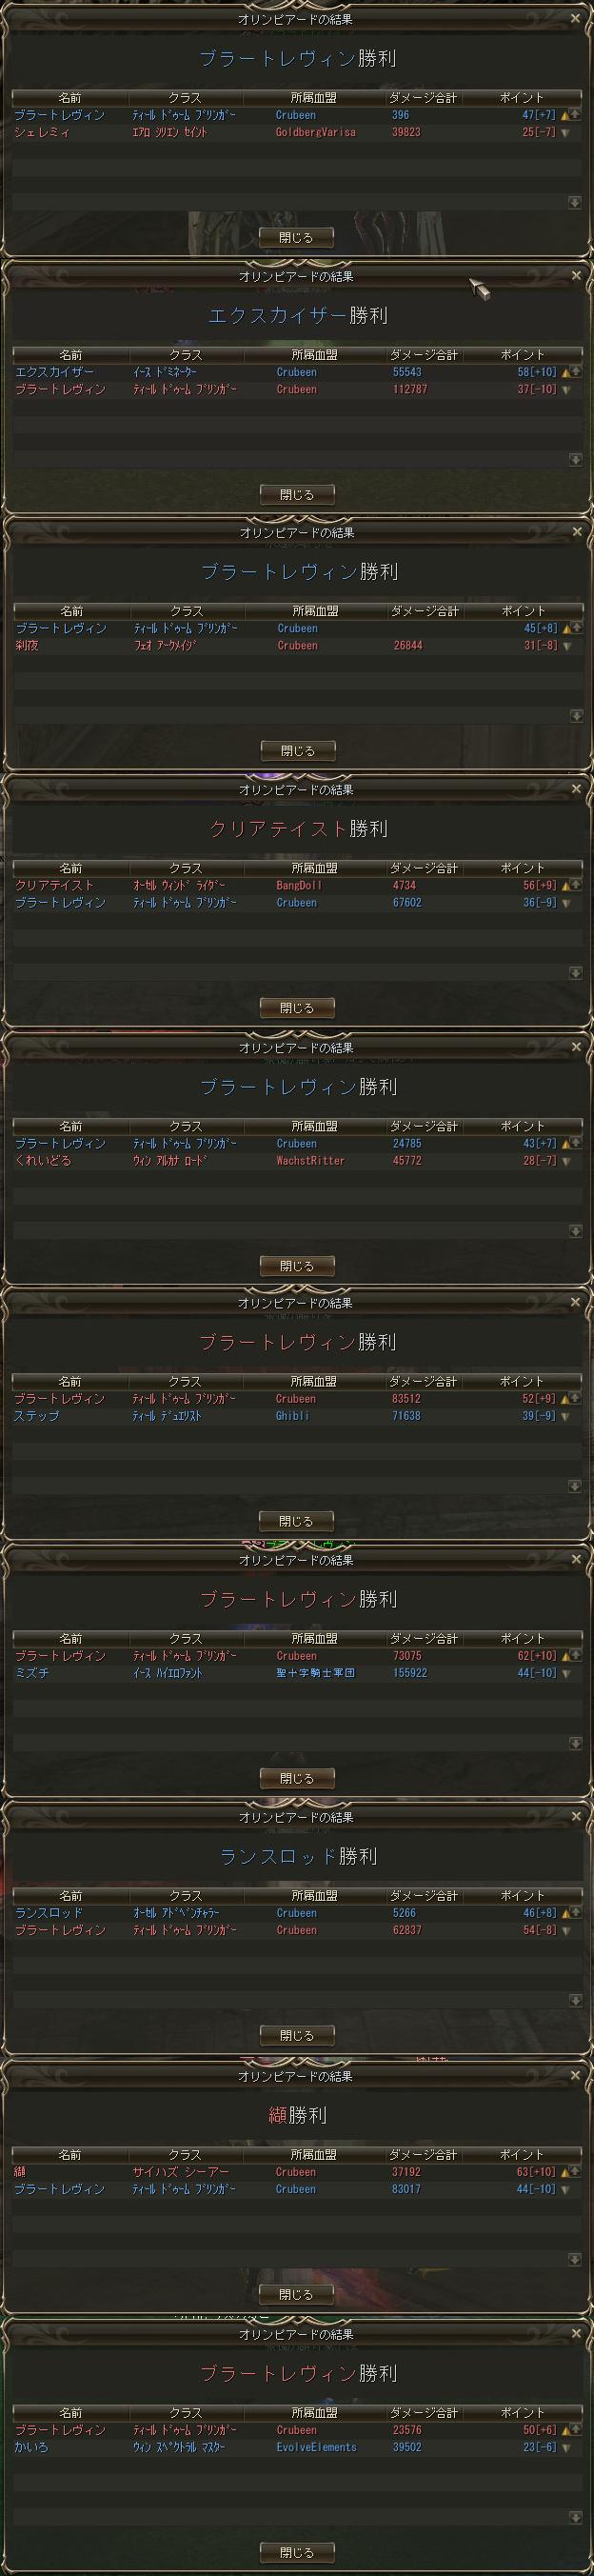 2015-07-24-1.jpg